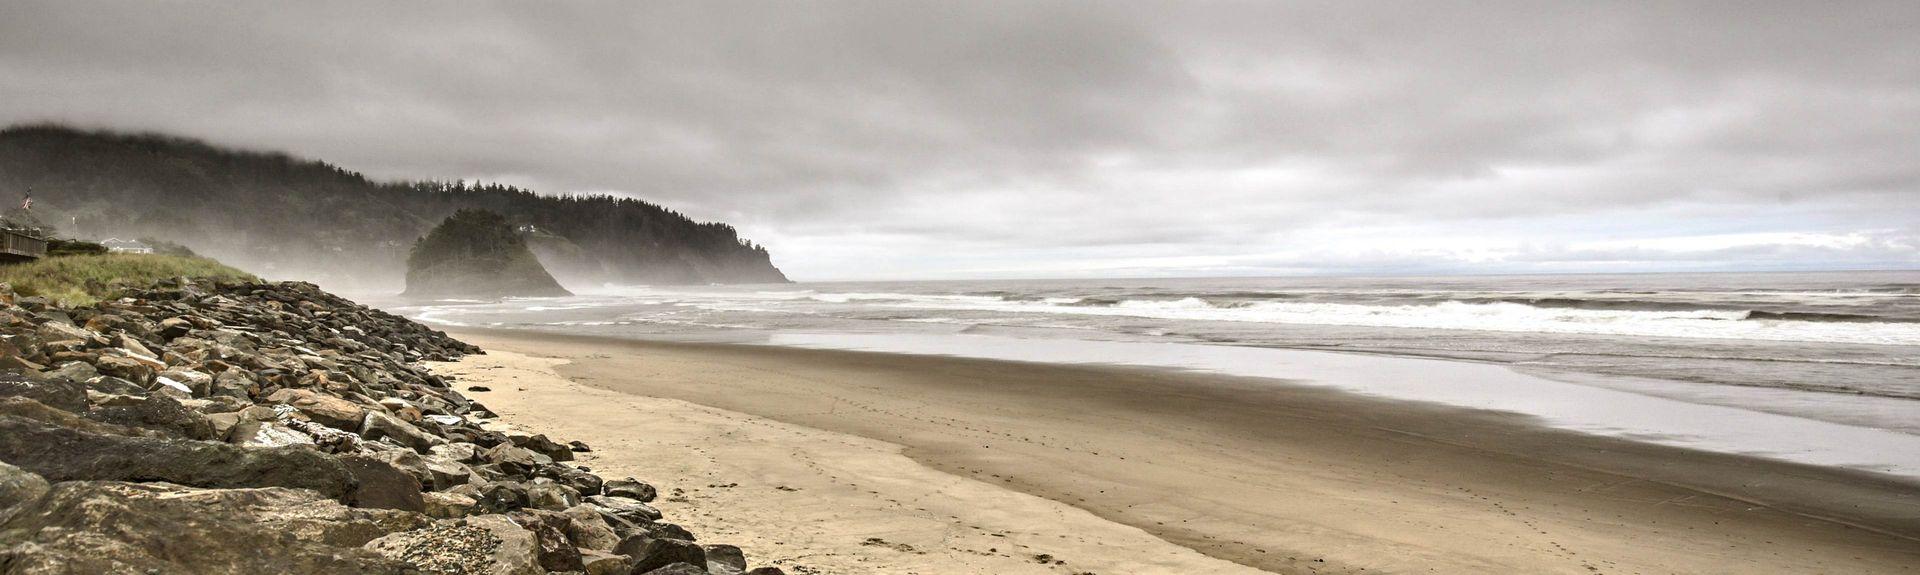 Stanowy teren rekreacyjny Fogarty Creek, Depoe Bay, Oregon, Stany Zjednoczone